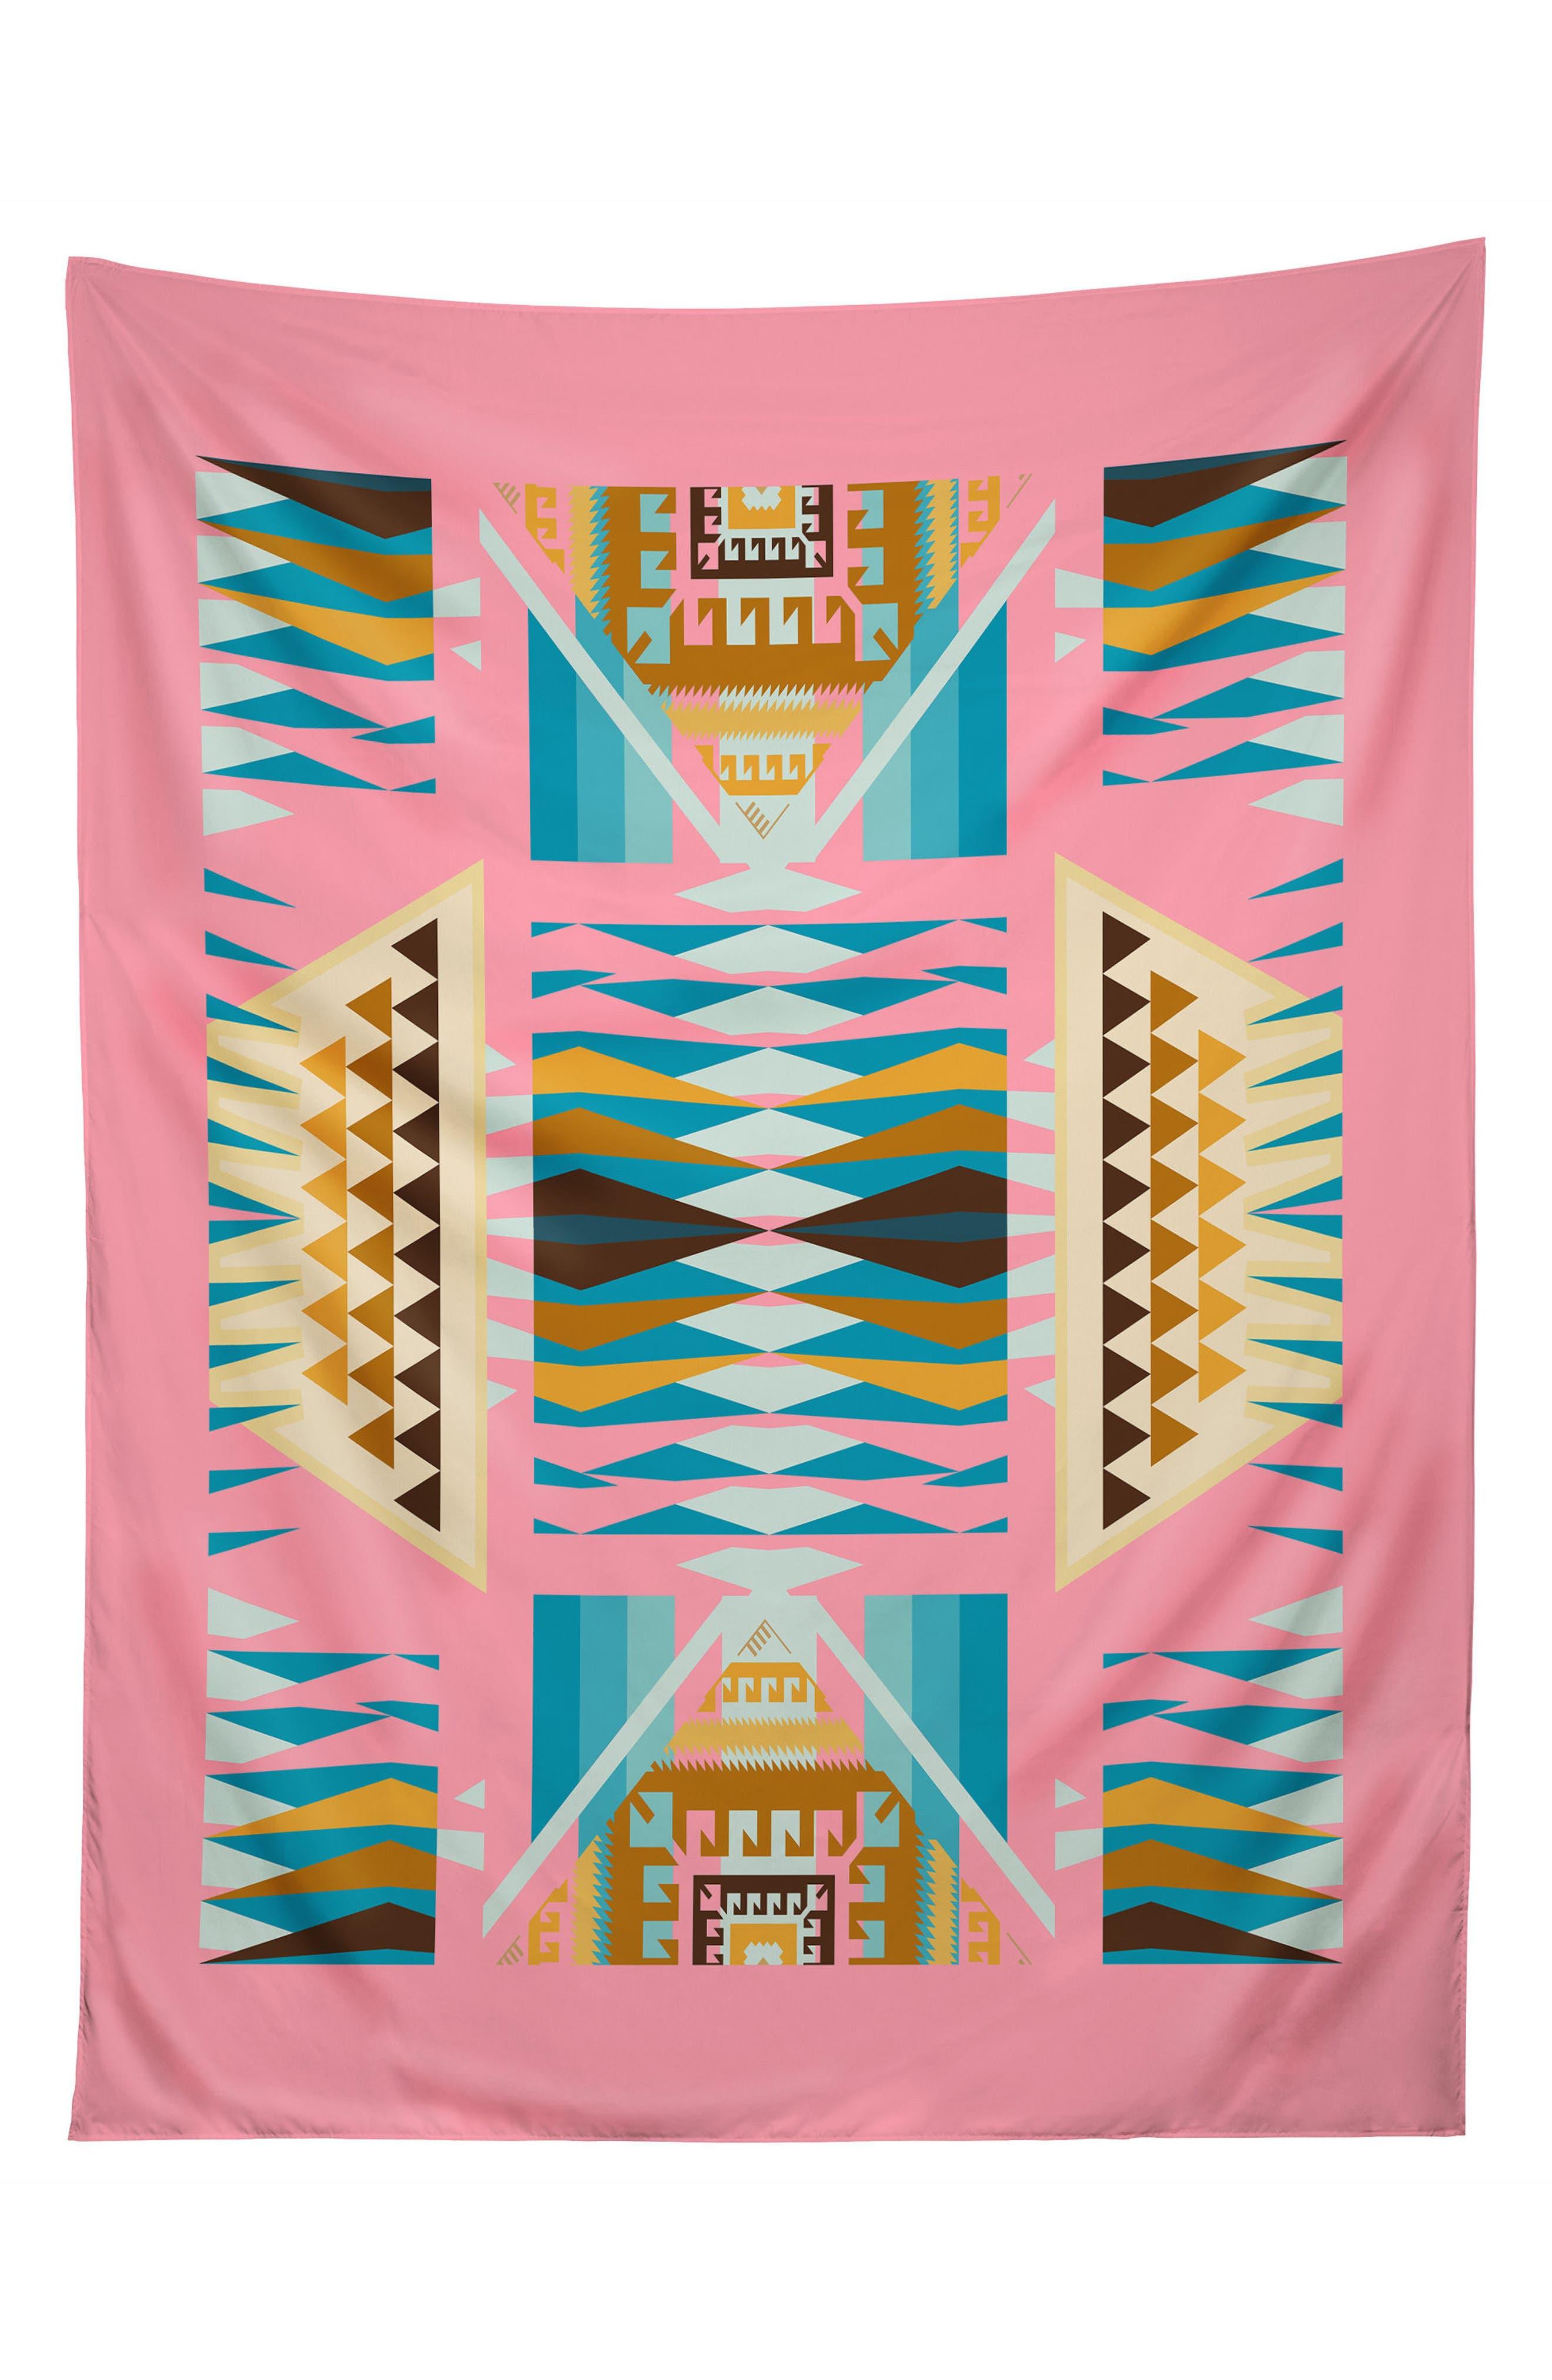 DENY Designs Acacia Pink Tapestry